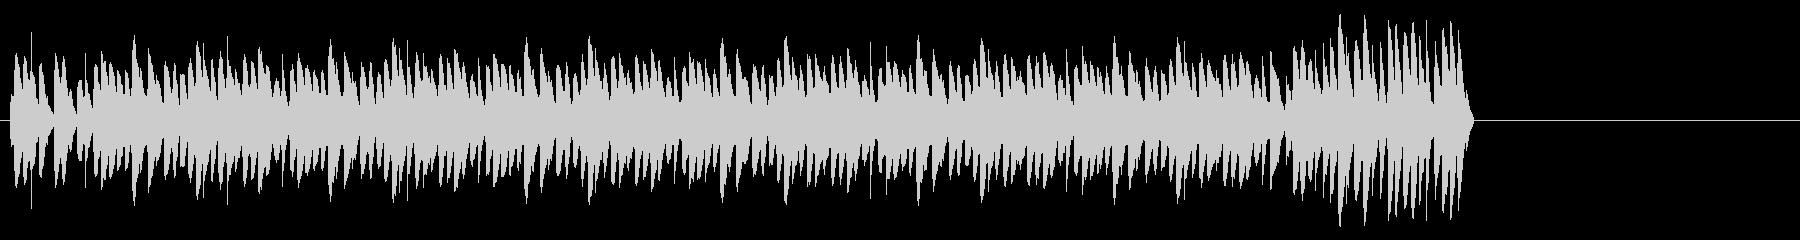 目覚まし時計-ベル1ロングシグナルの未再生の波形